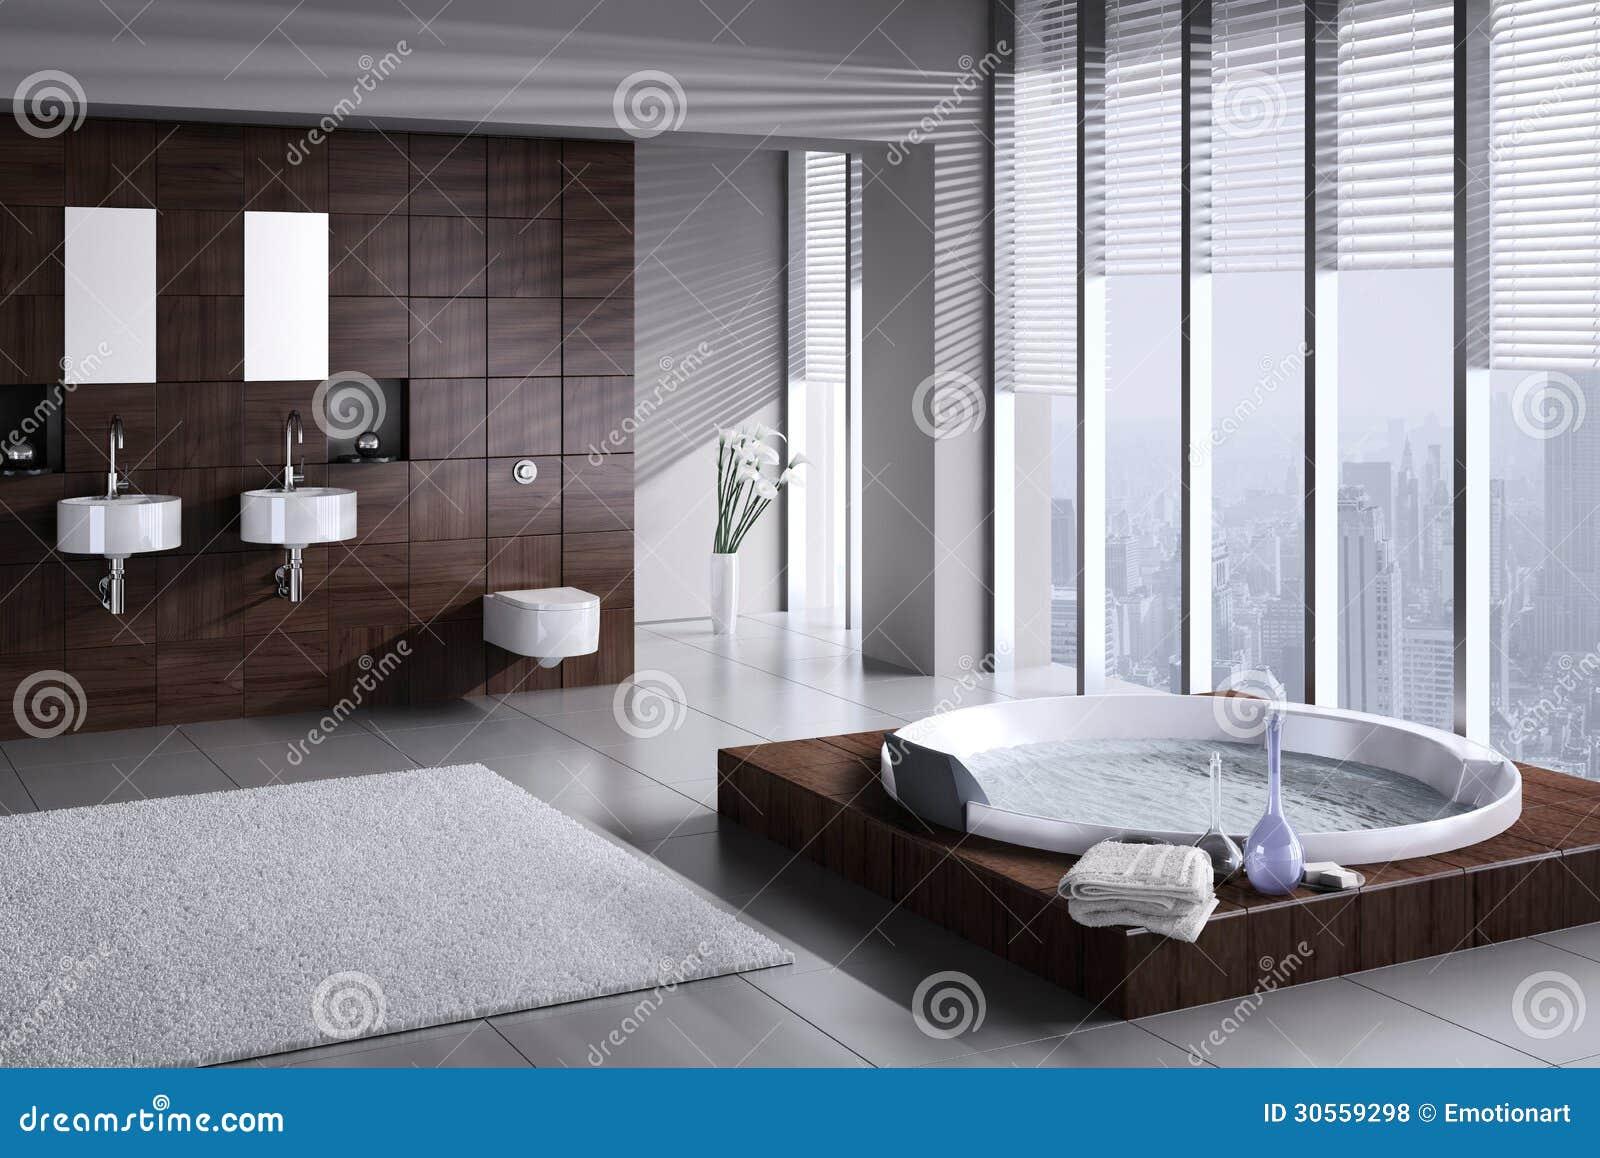 Modernes Badezimmer Mit Doppeltem Becken Und Jacuzzi Stock